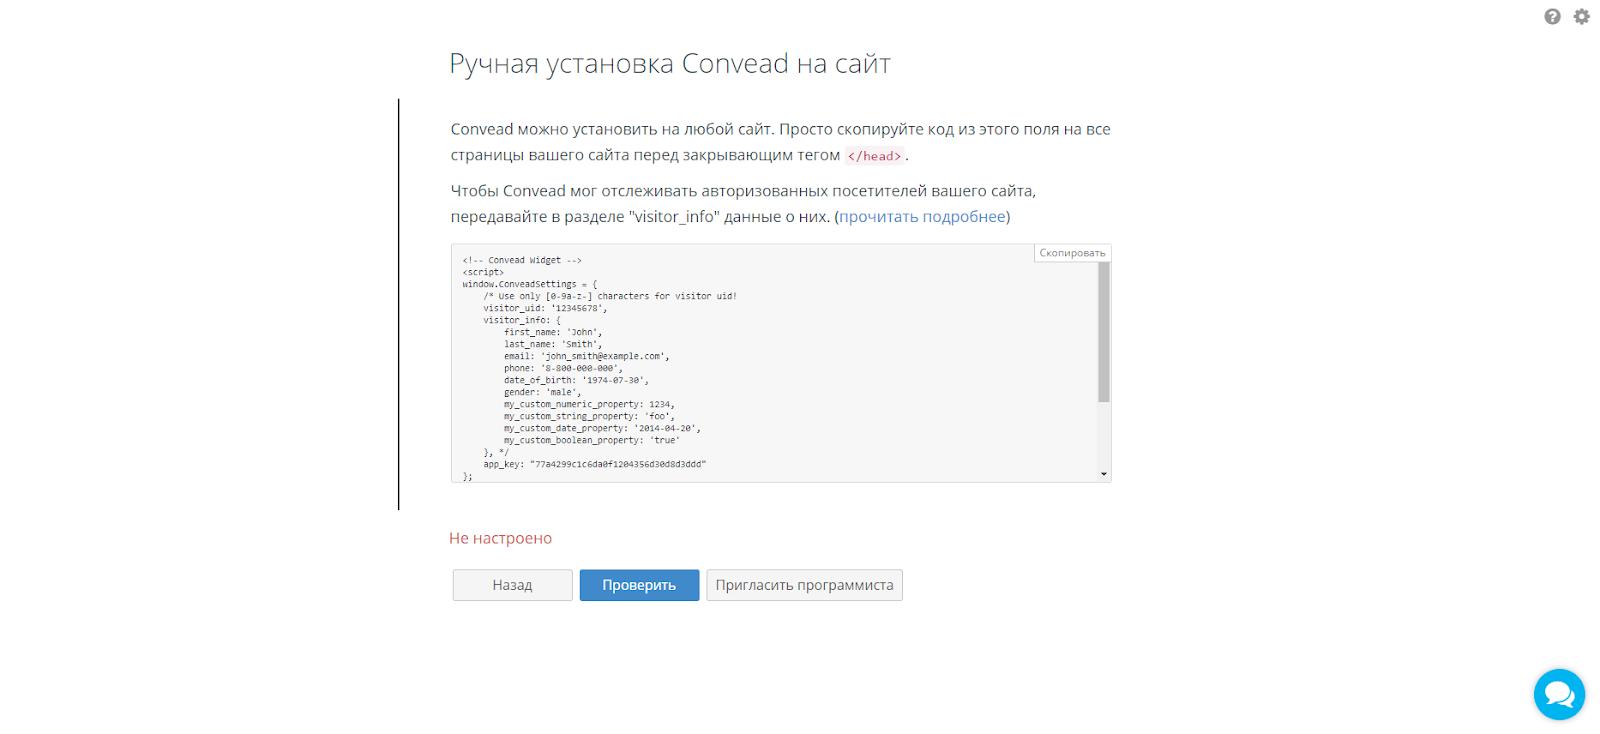 Convead-script.png